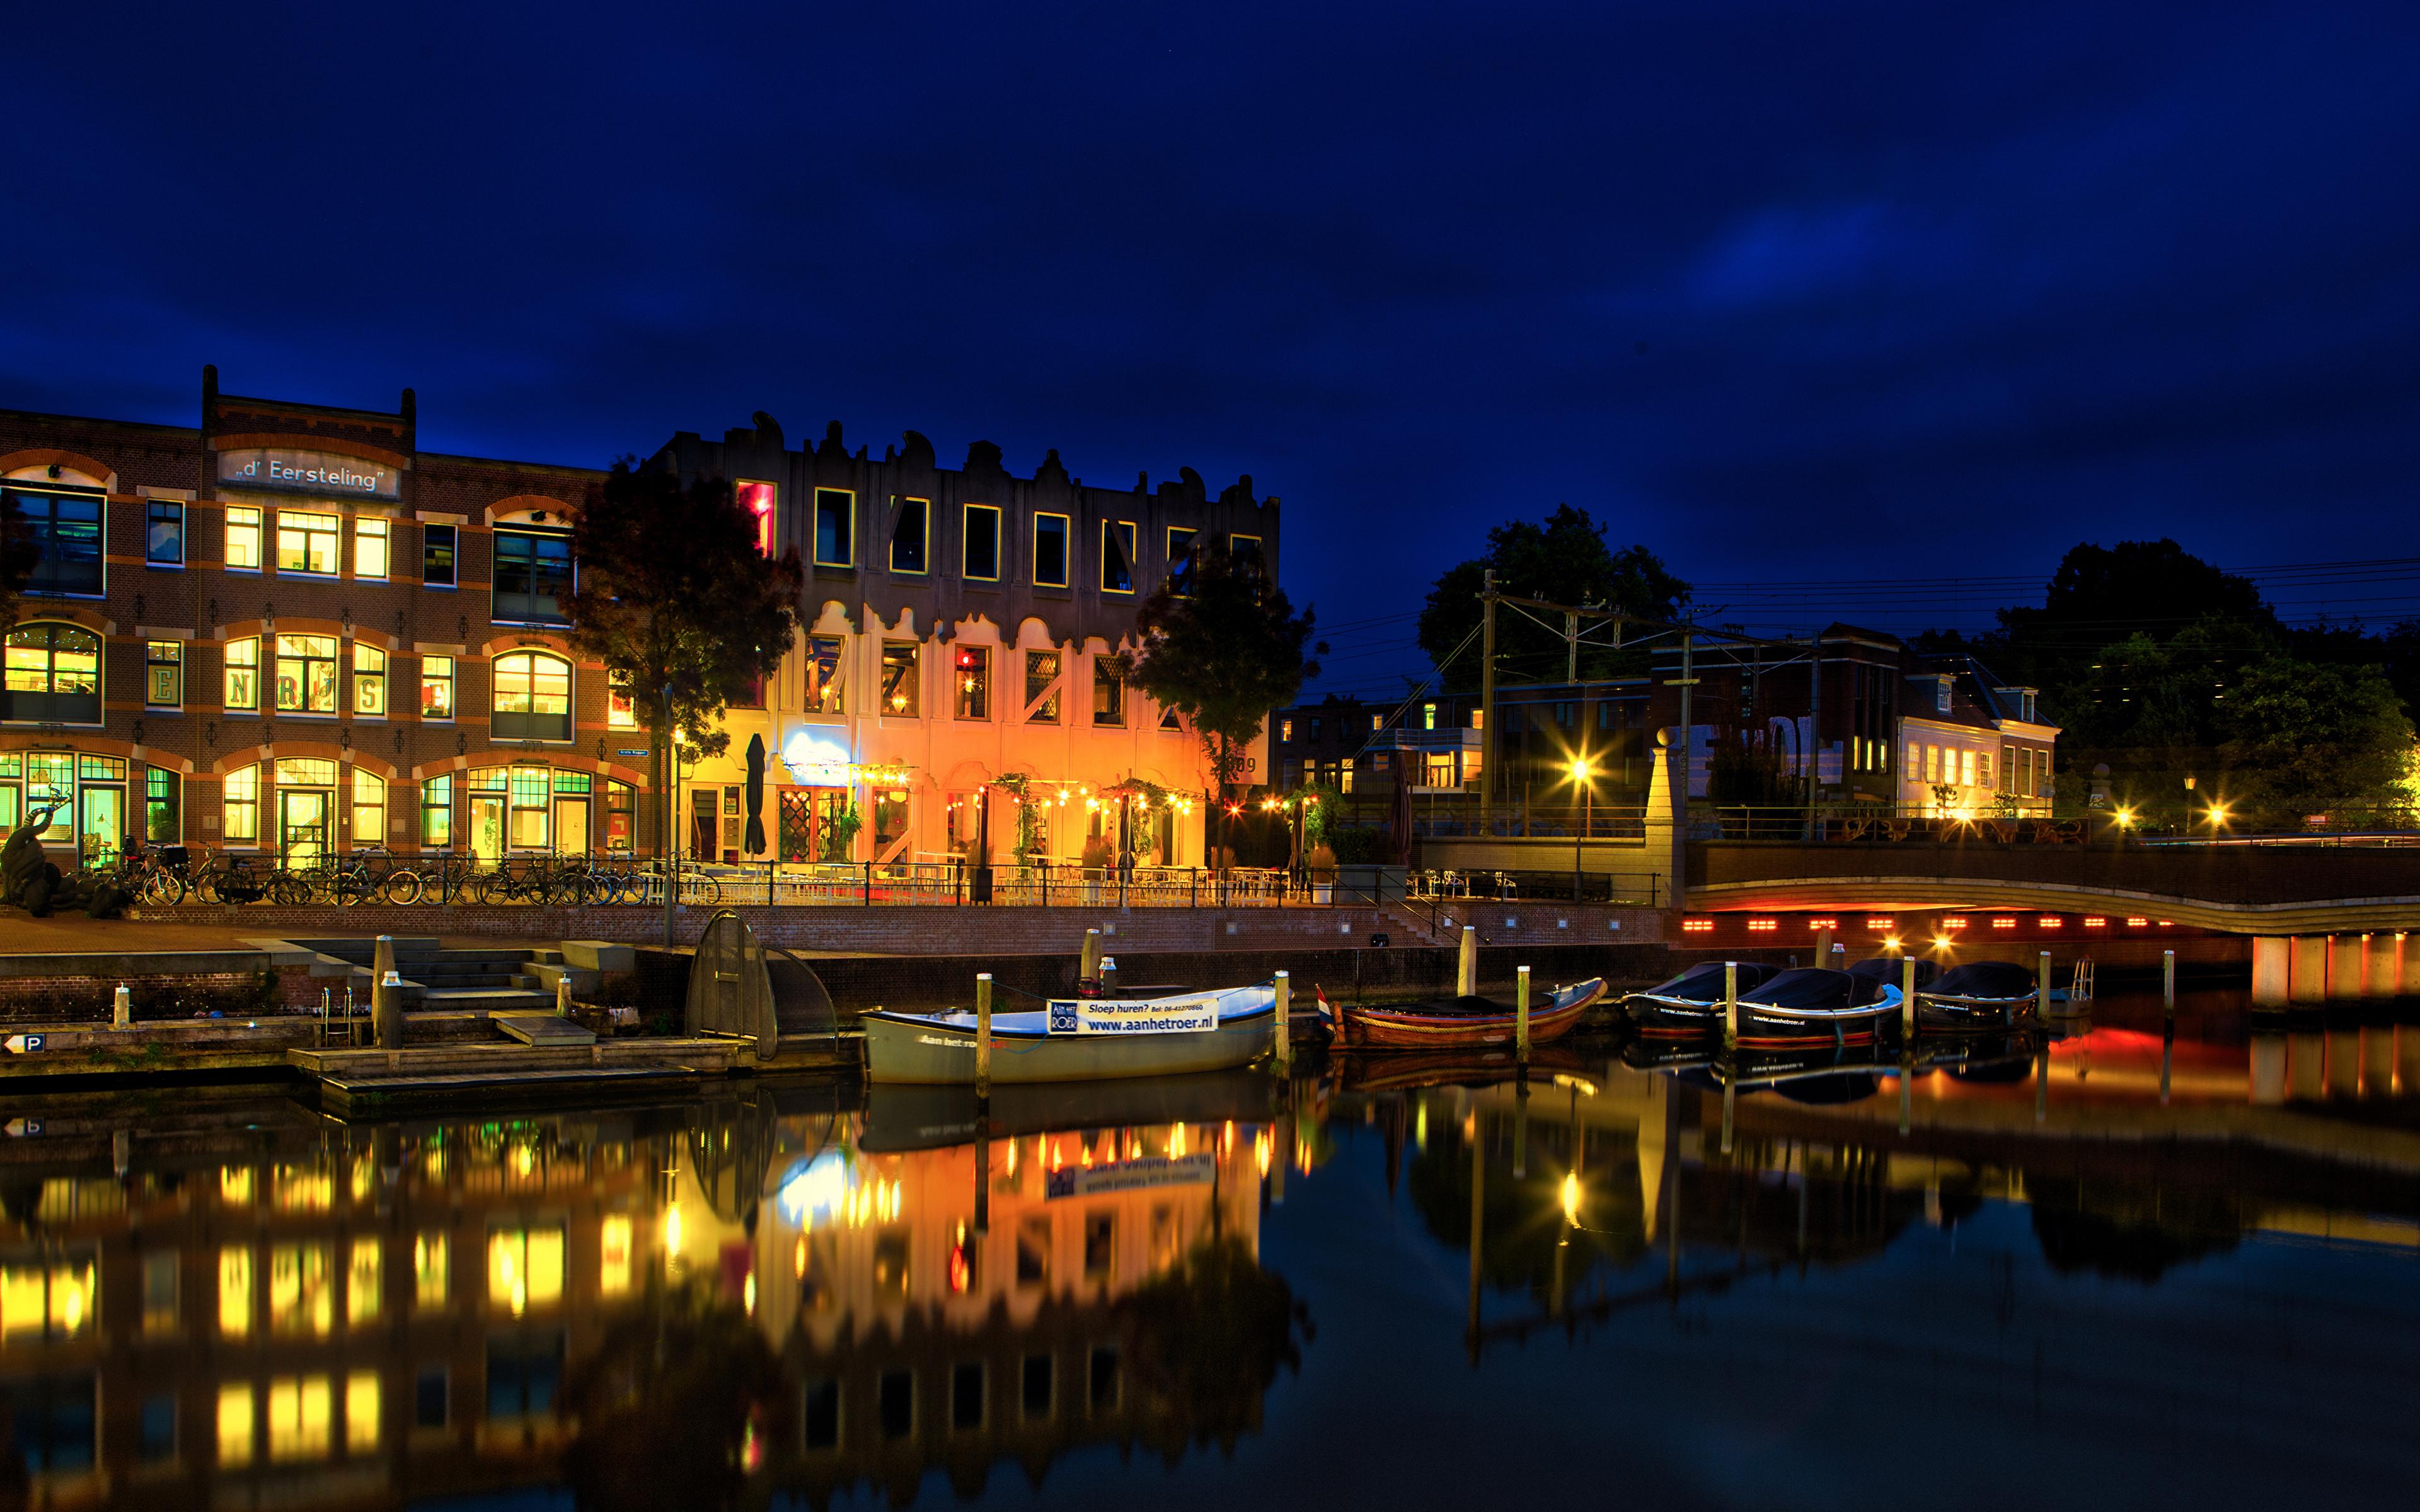 Фото Нидерланды Amersfoort canals Водный канал ночью Лодки Причалы Уличные фонари Дома Города 3840x2400 Ночь Пирсы в ночи Ночные Пристань город Здания